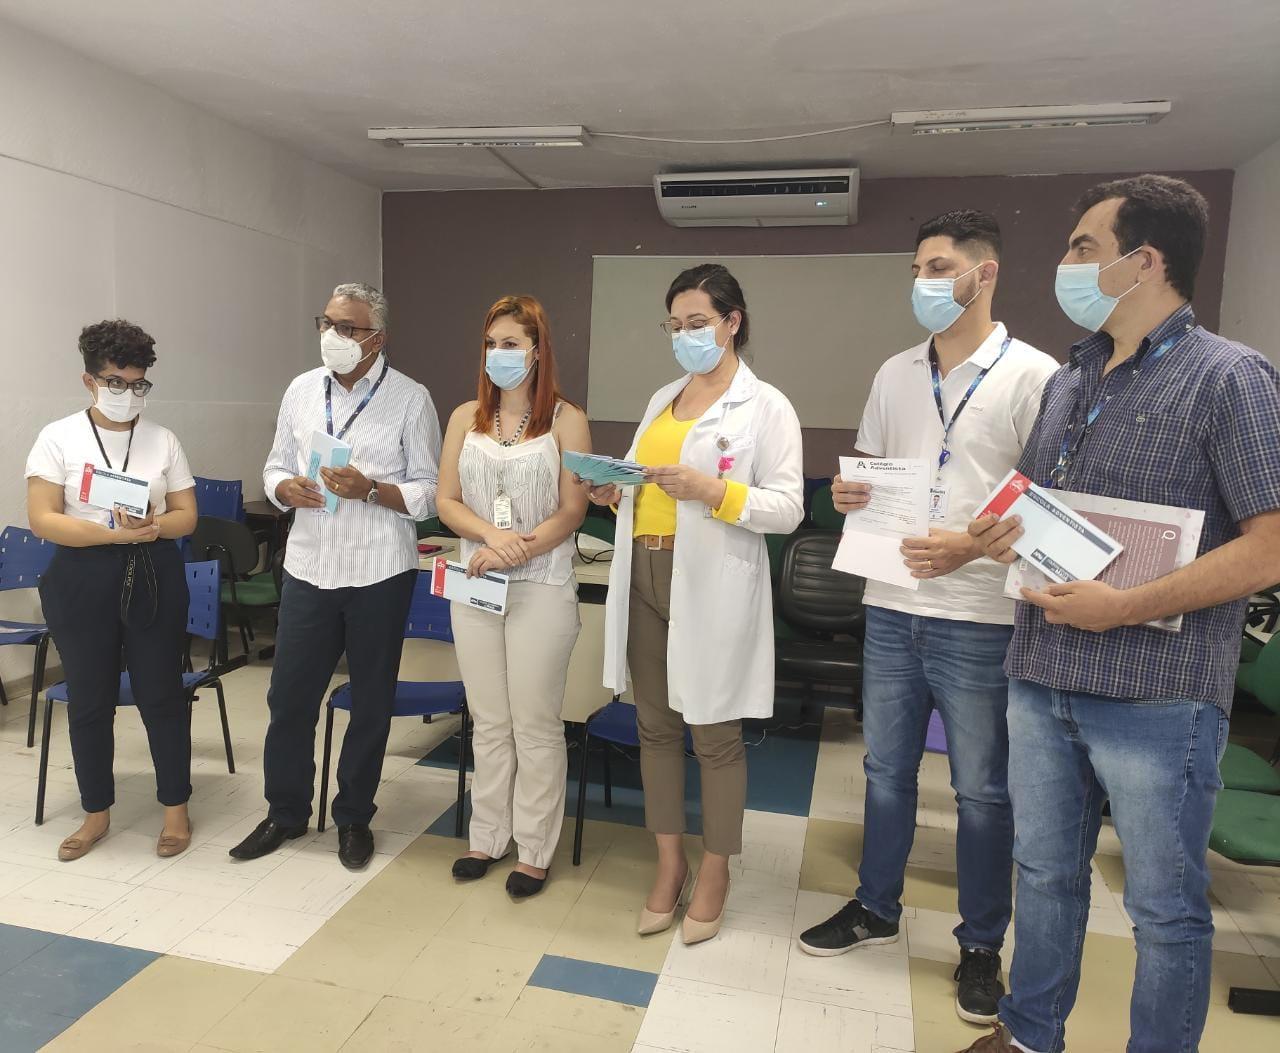 Administração do Colégio de Mauá entregando cartas aos profissionais de saúde do Hospital Nardini